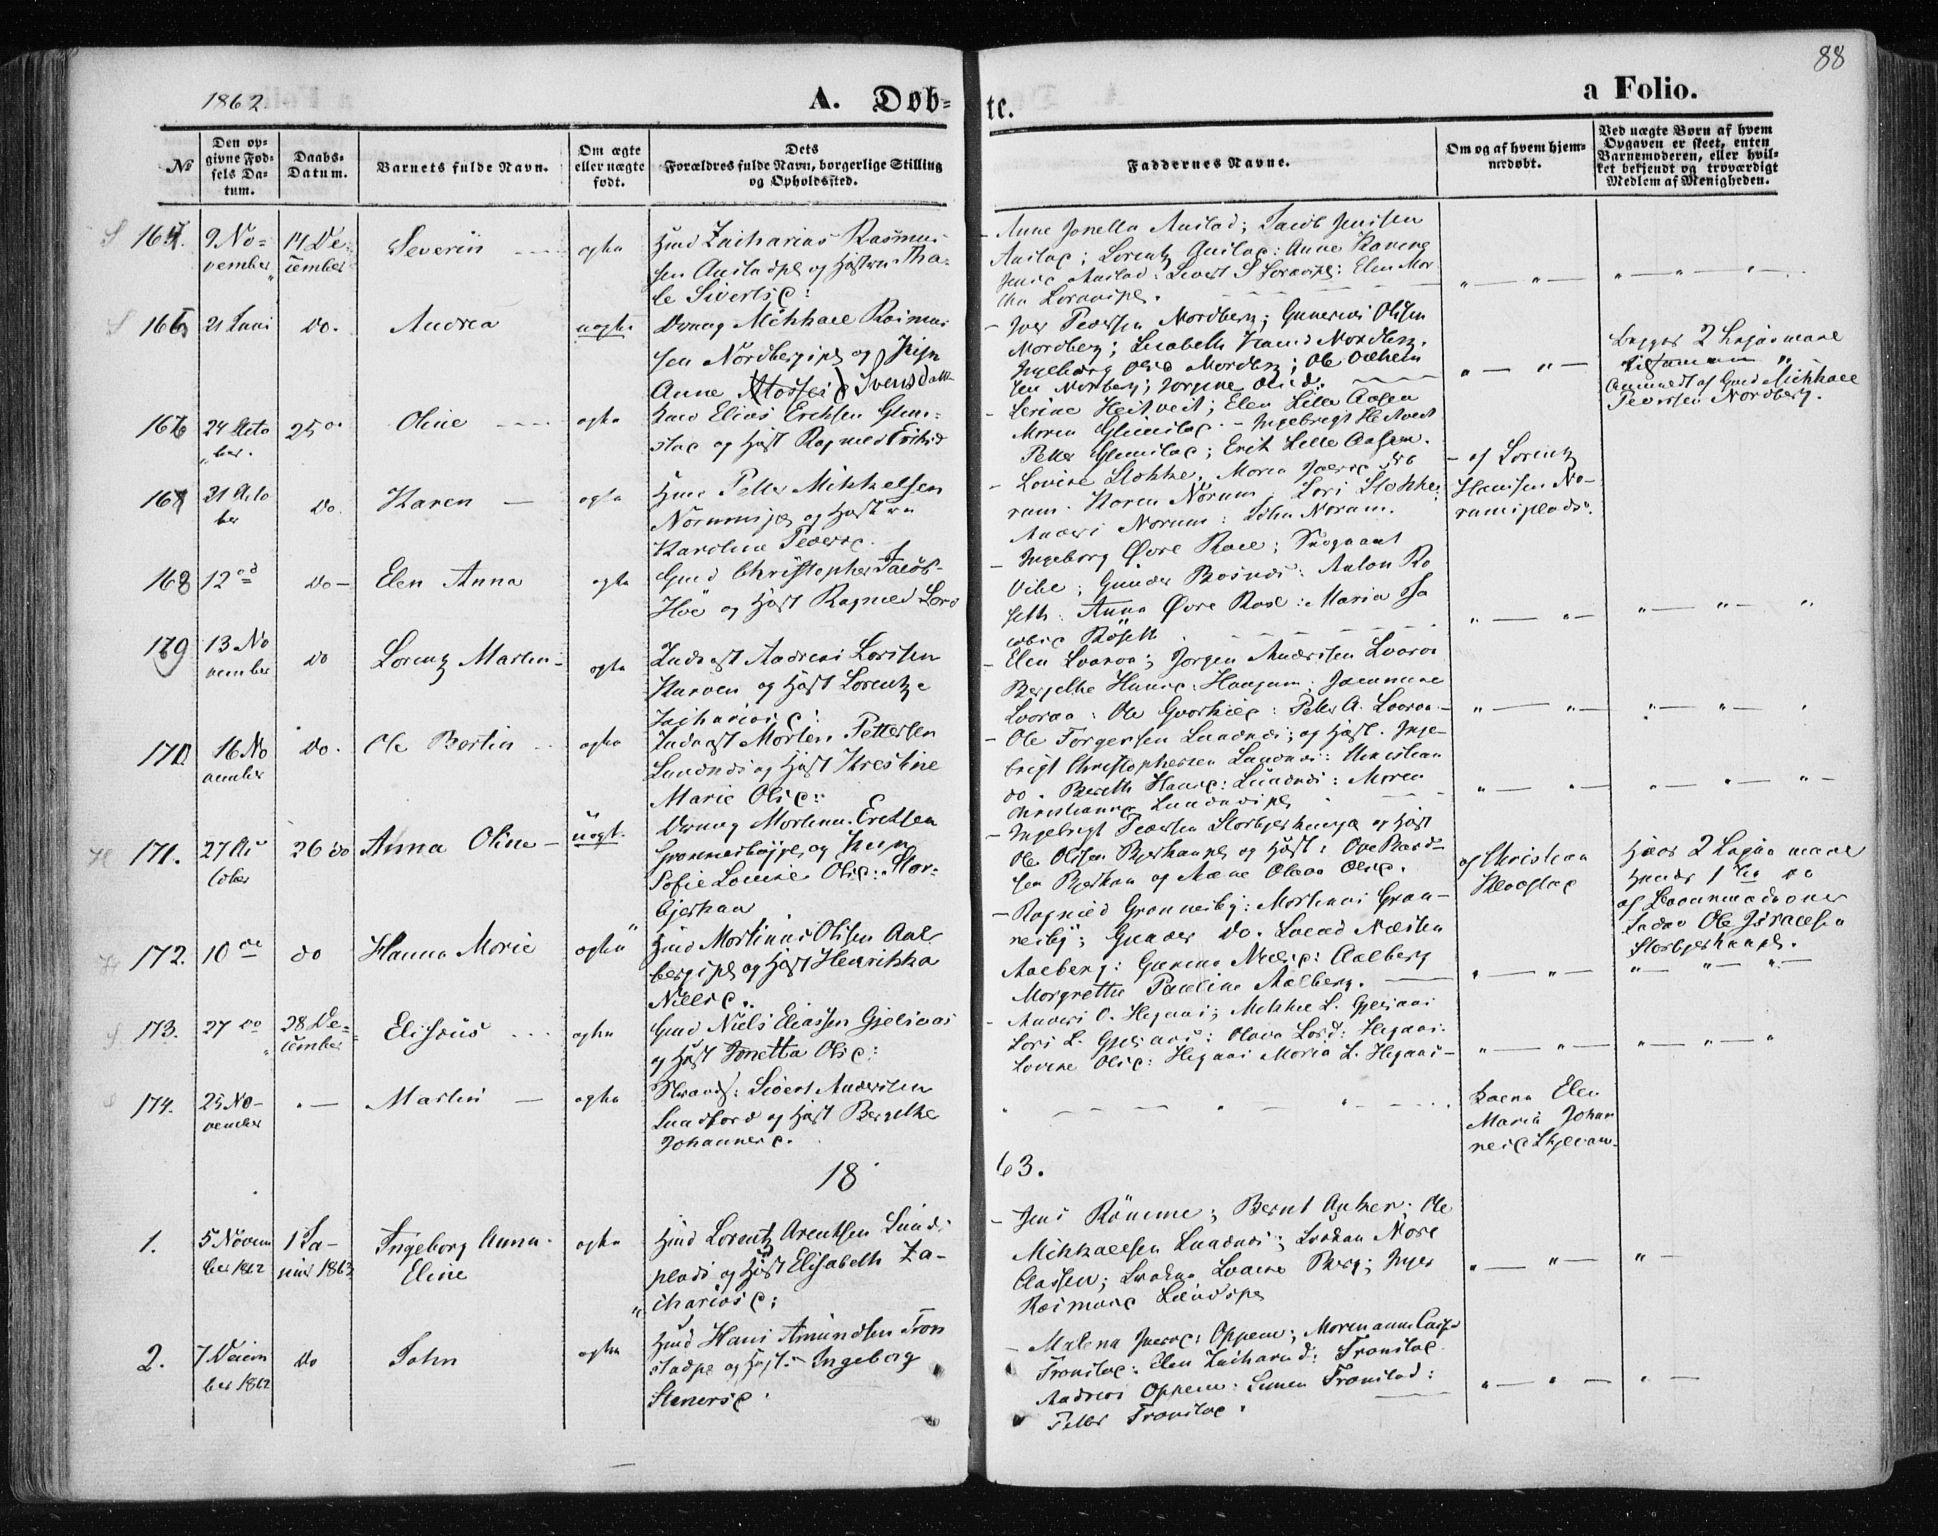 SAT, Ministerialprotokoller, klokkerbøker og fødselsregistre - Nord-Trøndelag, 730/L0283: Ministerialbok nr. 730A08, 1855-1865, s. 88